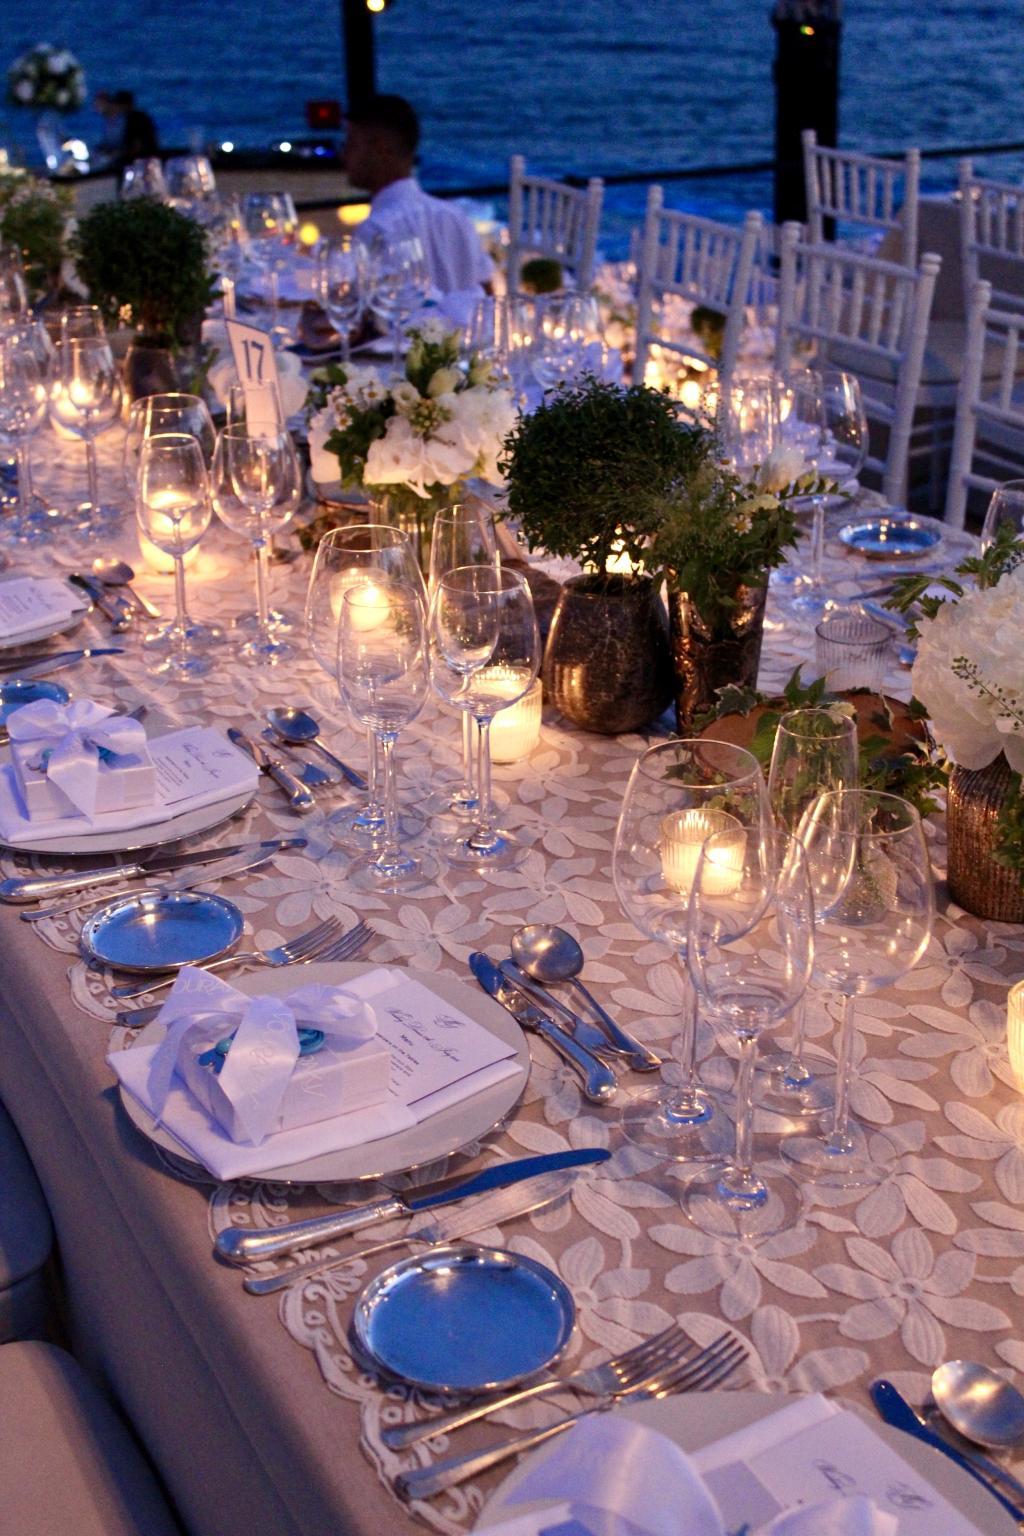 I&M Syros wedding - Image 11